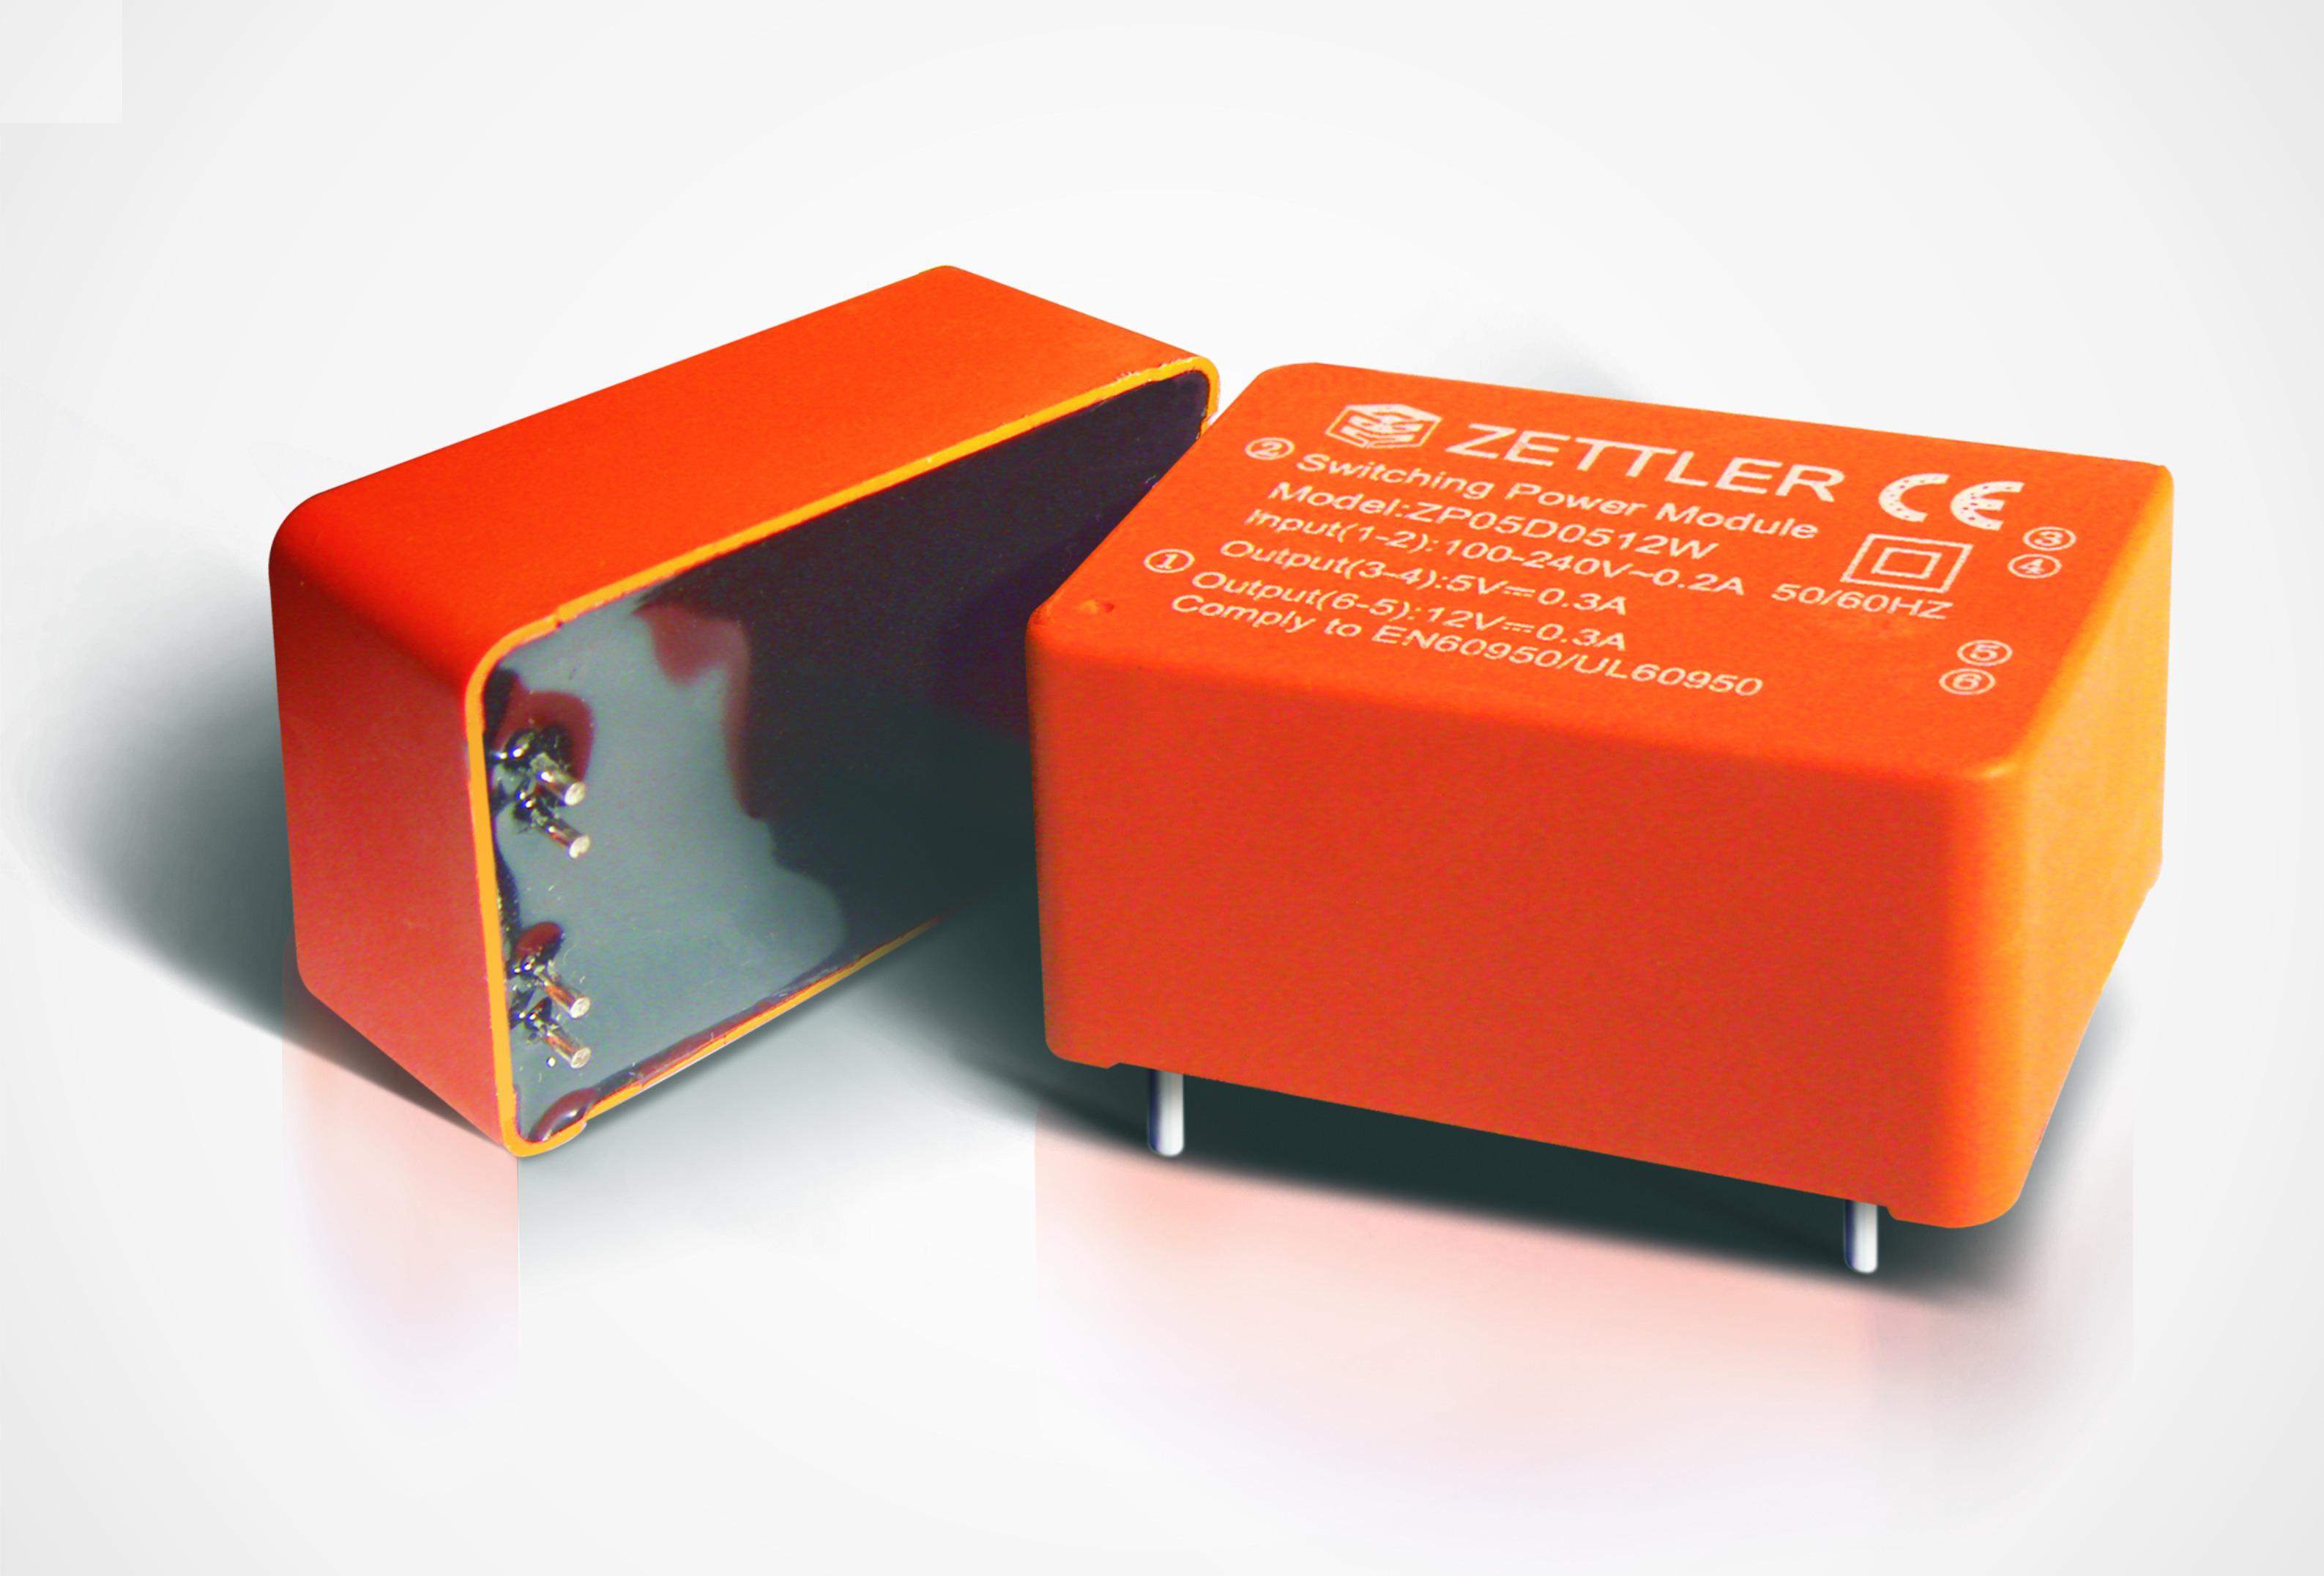 Switching Power Modules 1W, 3W, 5W and 10 watt